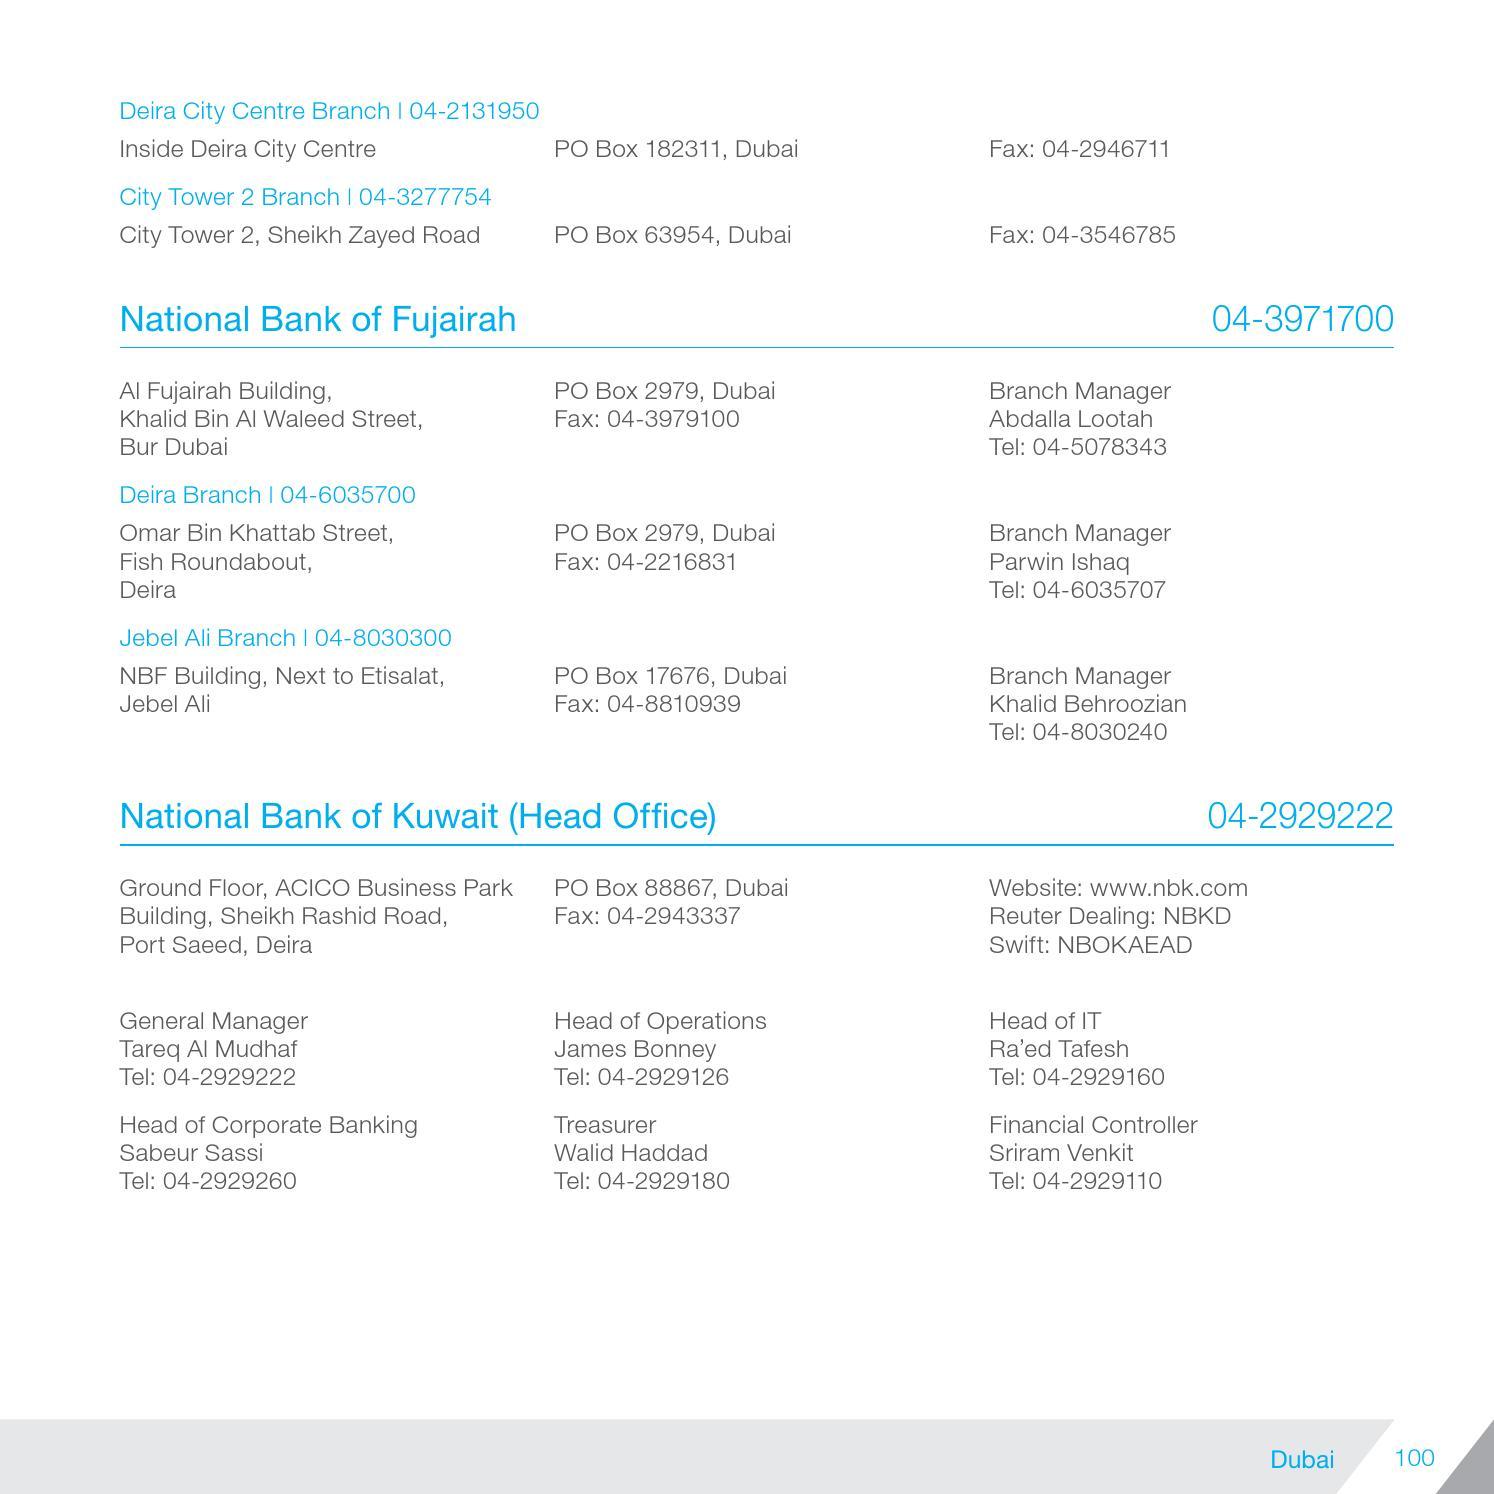 NBF UAE Bank Directory 2014 by Karl Ha - issuu